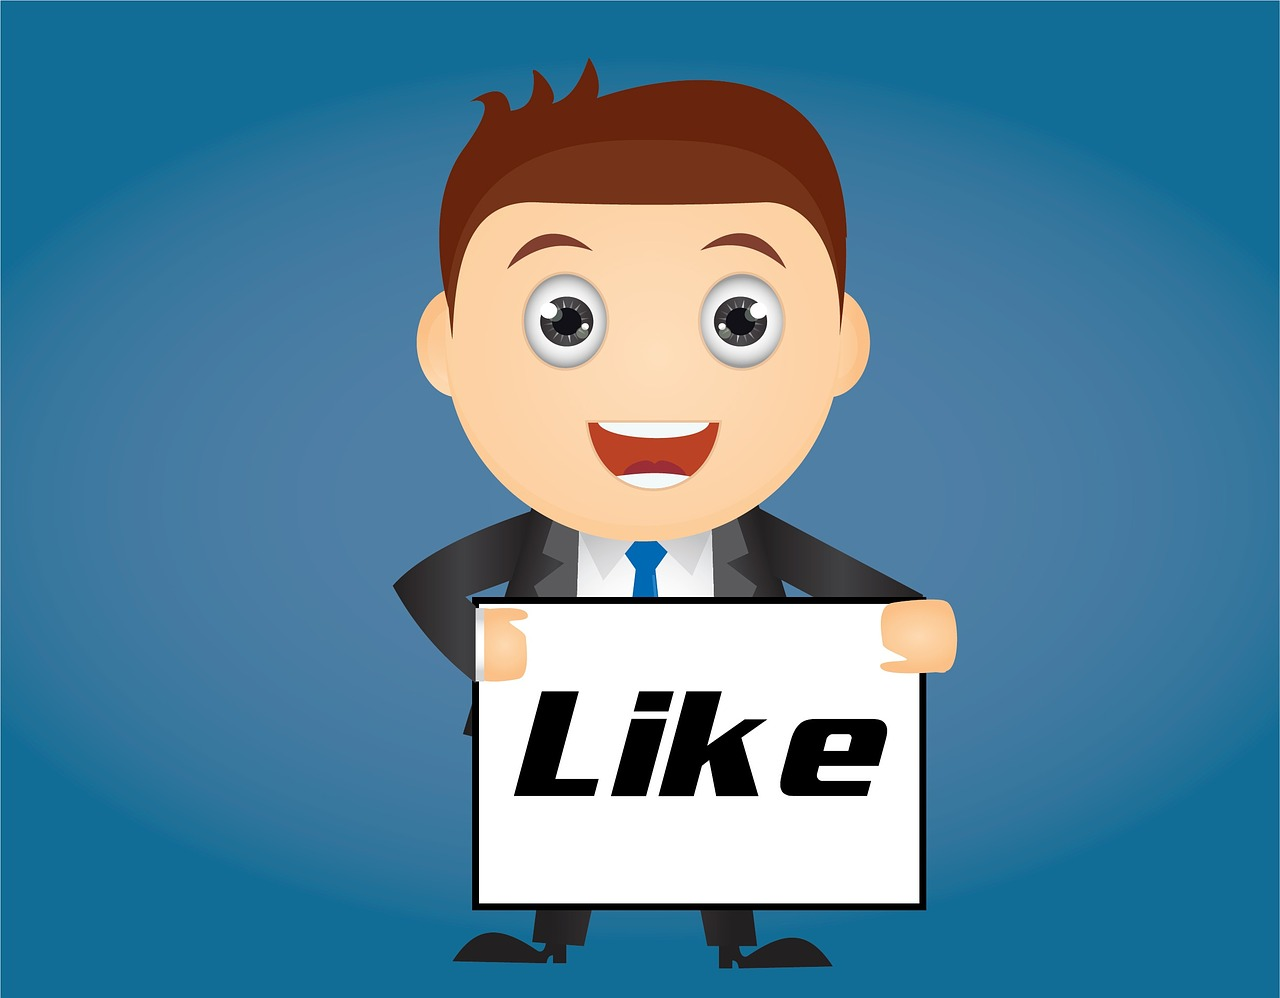 Acheter des likes facebook et des followers twitter bonne idée?